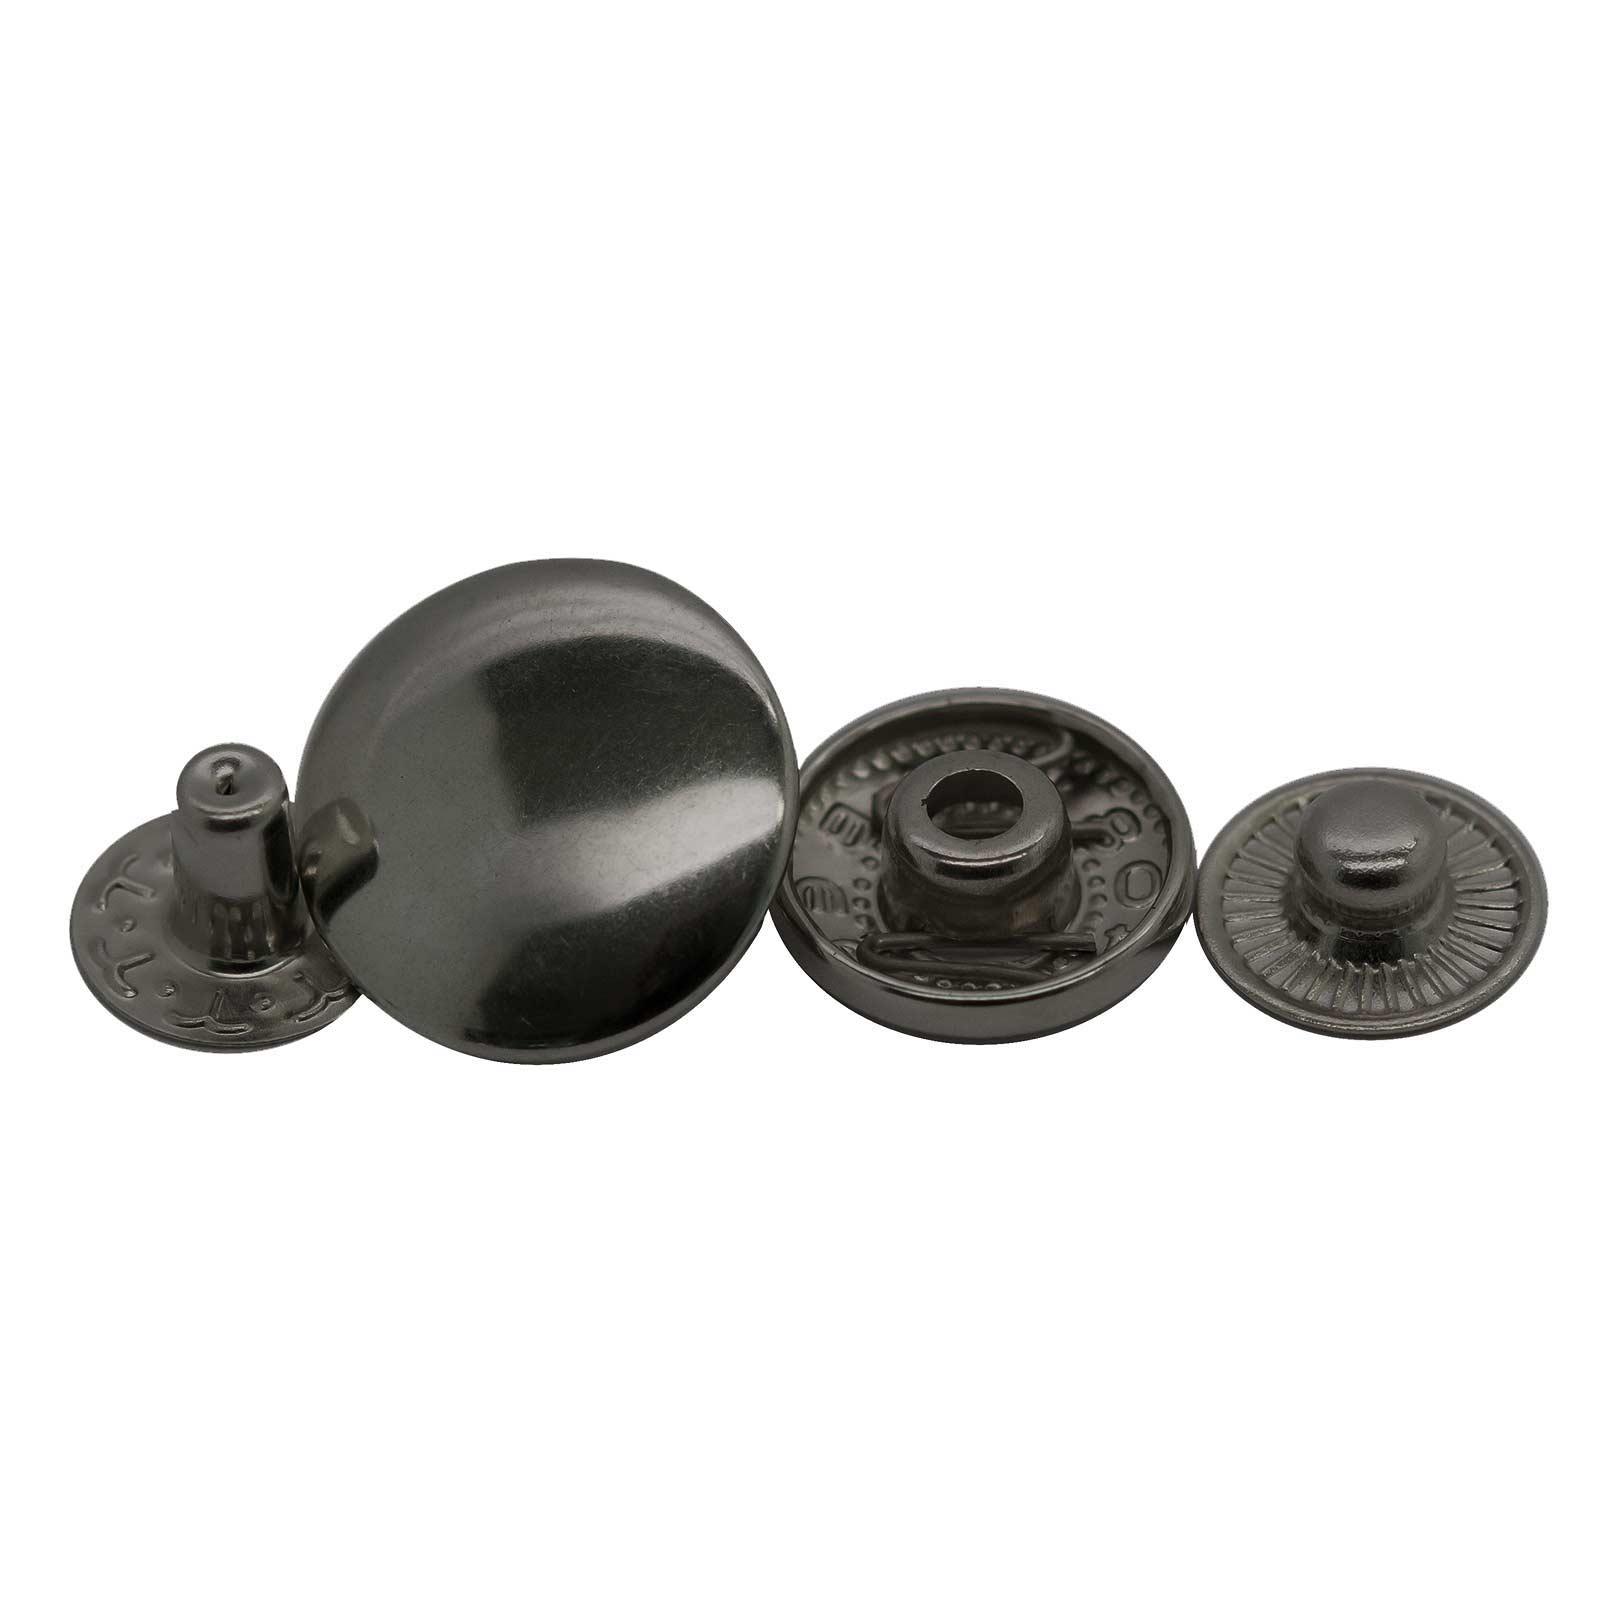 200 Stk Druckknopf Set rund S-Feder Verschlüsse Schnappknopf Metall Größen- /Farbwahl – Bild 10